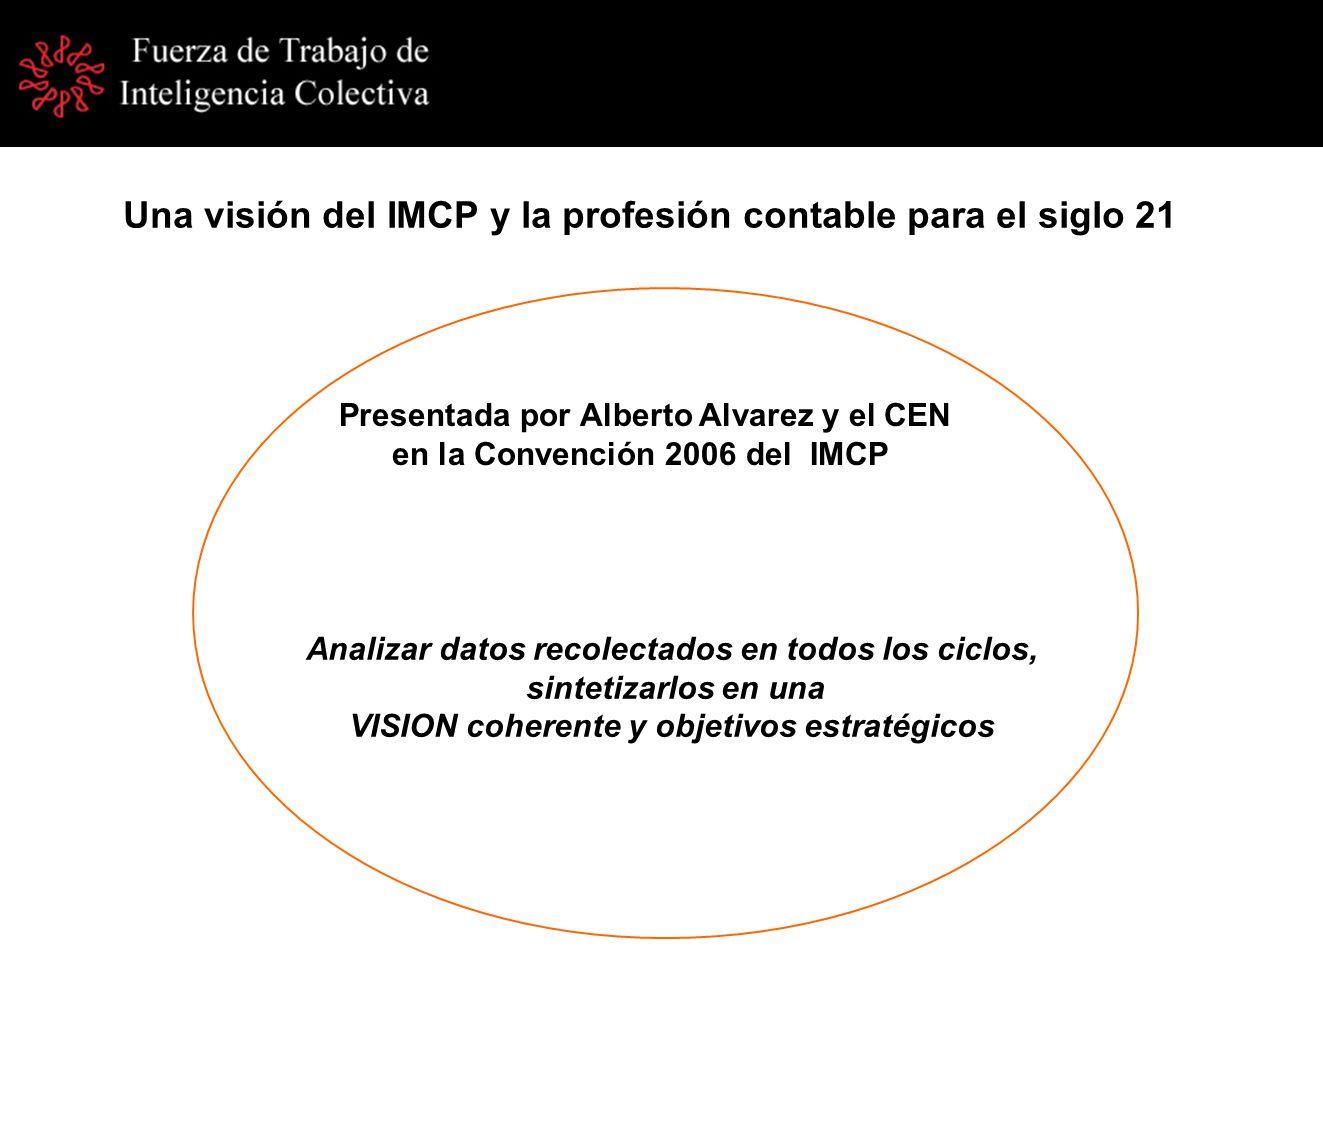 Presentada por Alberto Alvarez y el CEN en la Convención 2006 del IMCP Analizar datos recolectados en todos los ciclos, sintetizarlos en una VISION coherente y objetivos estratégicos Una visión del IMCP y la profesión contable para el siglo 21